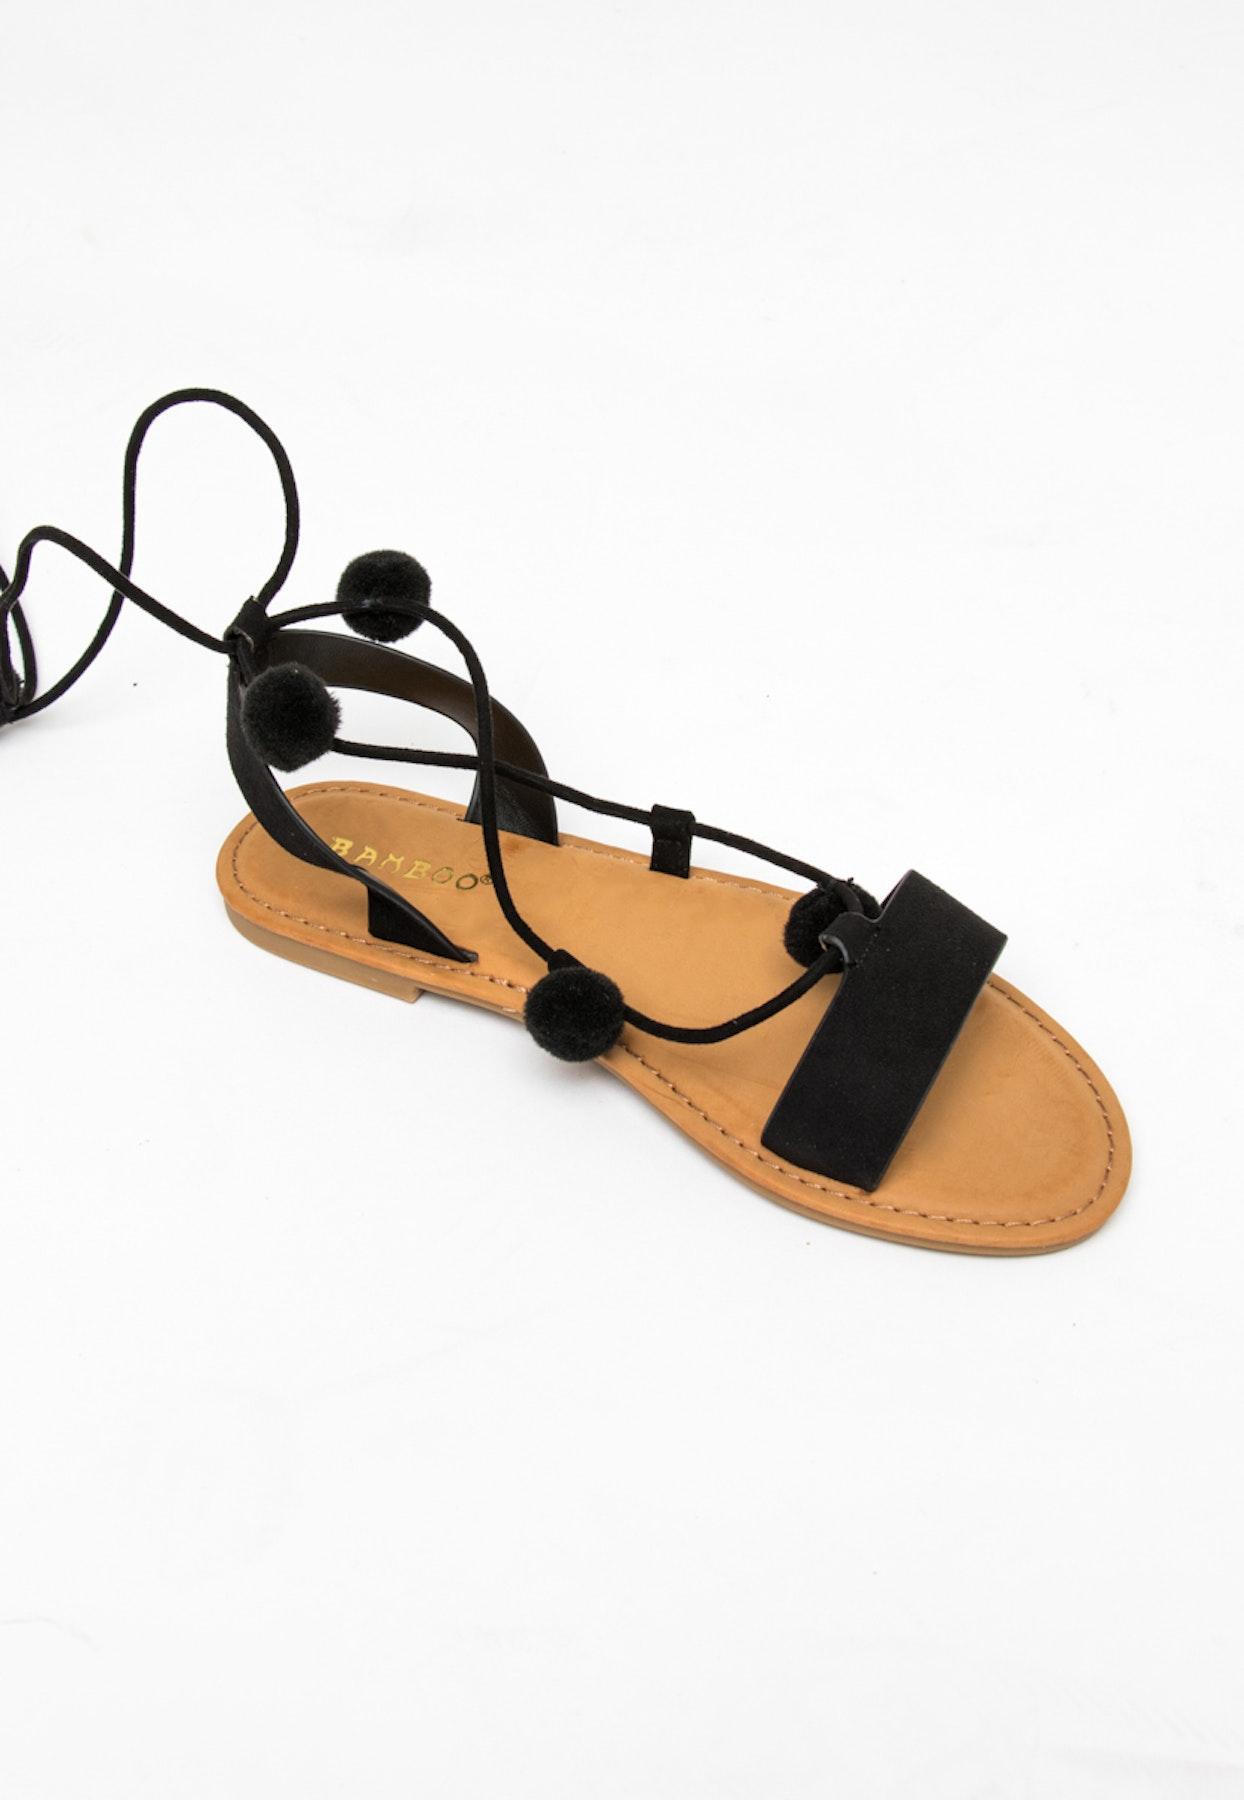 4d6a1e3f6bd0 Wrap Pom Pom Sandals - Black - Shoe   Accessory Garage Sale - Onceit